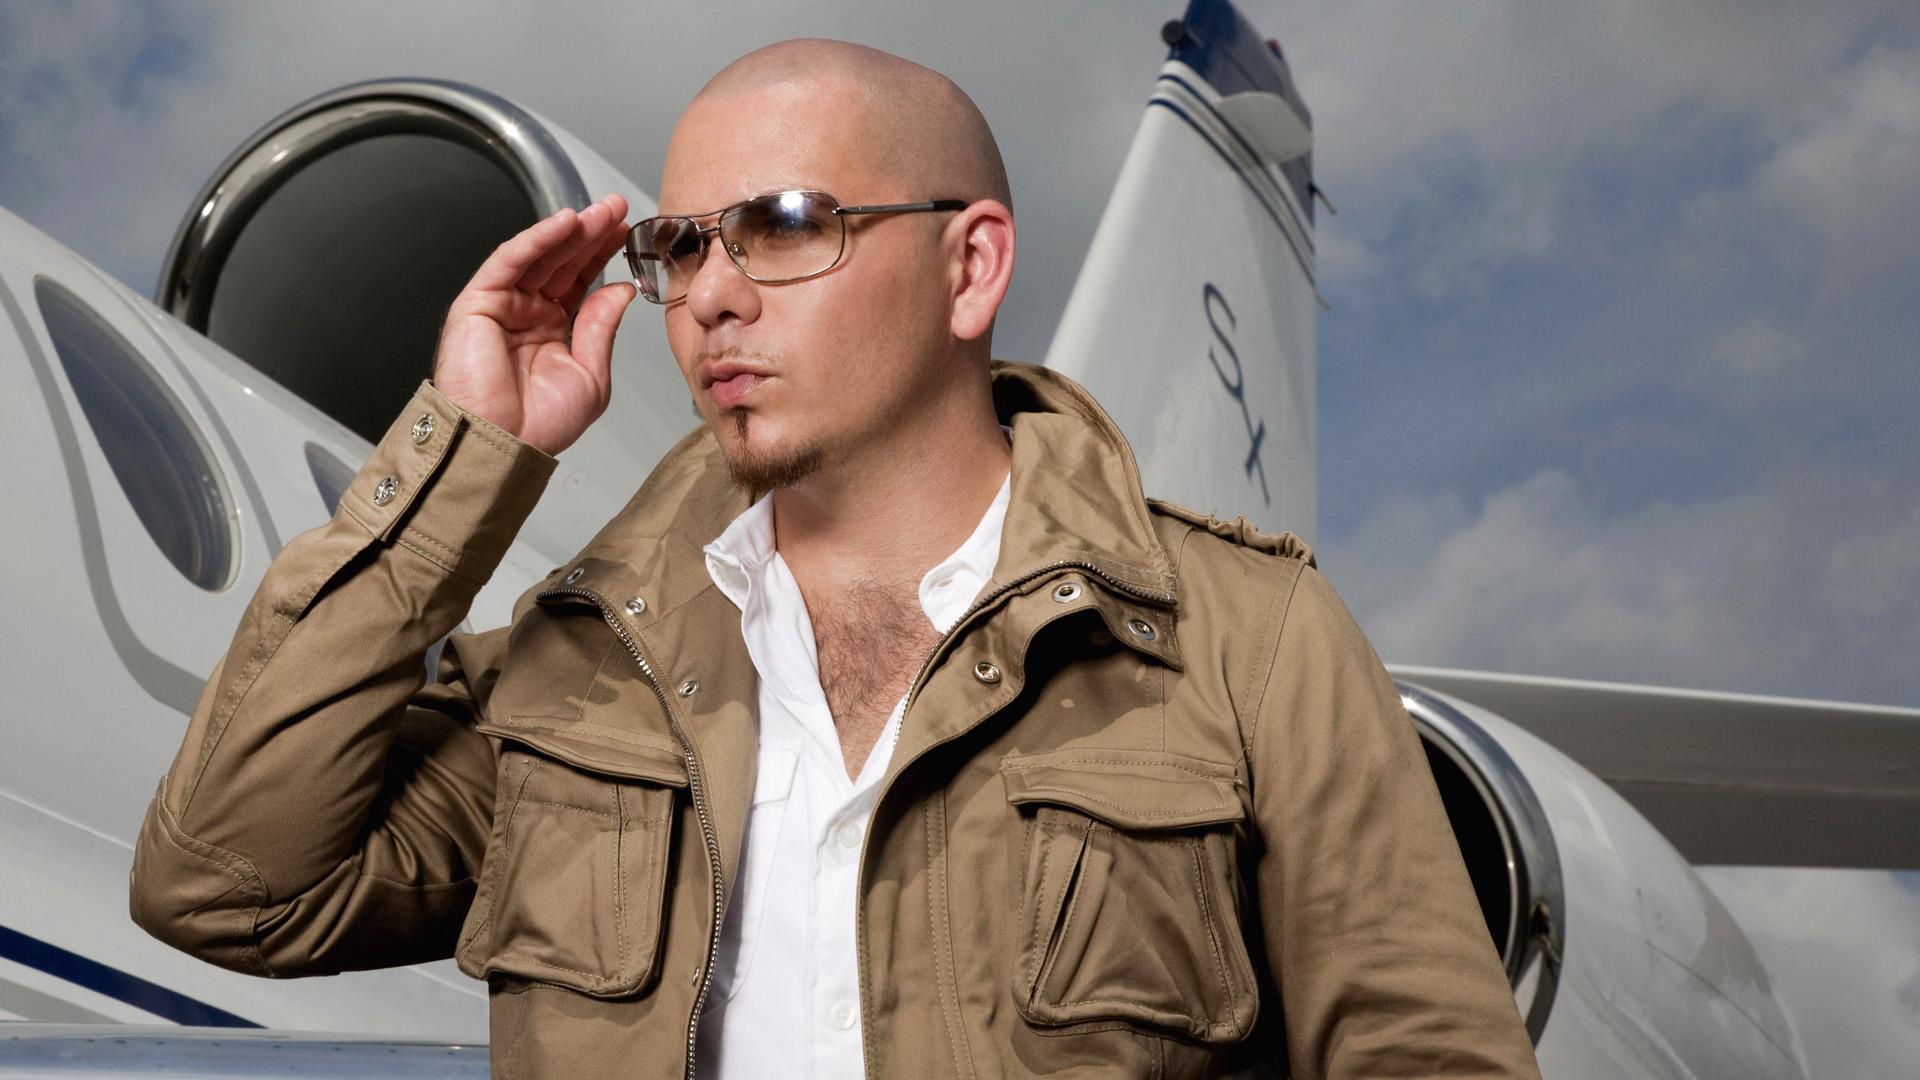 Give Me Everything av Pitbull